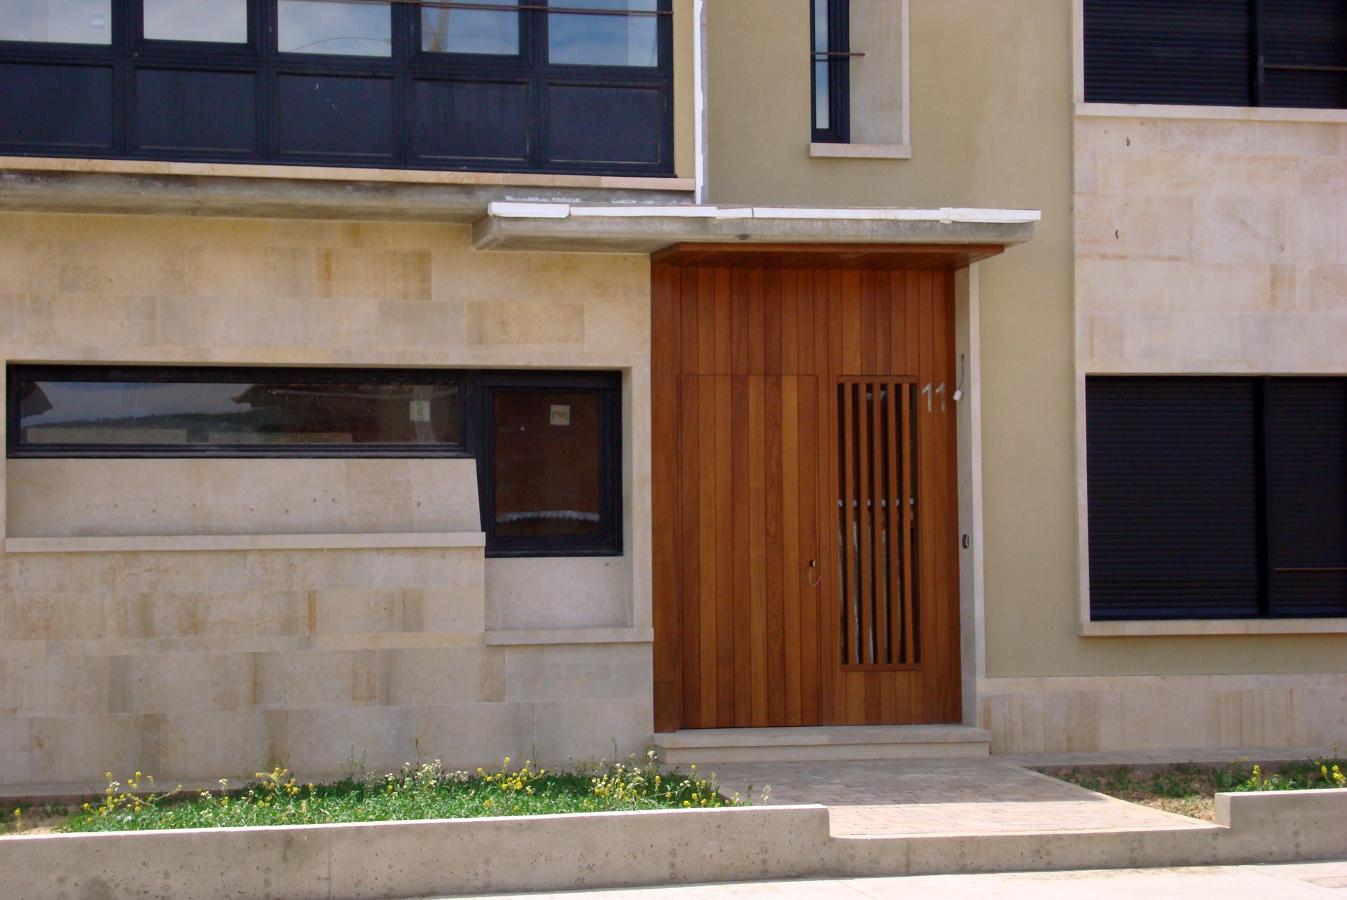 Foto puerta entrada vivienda en madera de carpinter a for Puertas de entrada modernas minimalistas